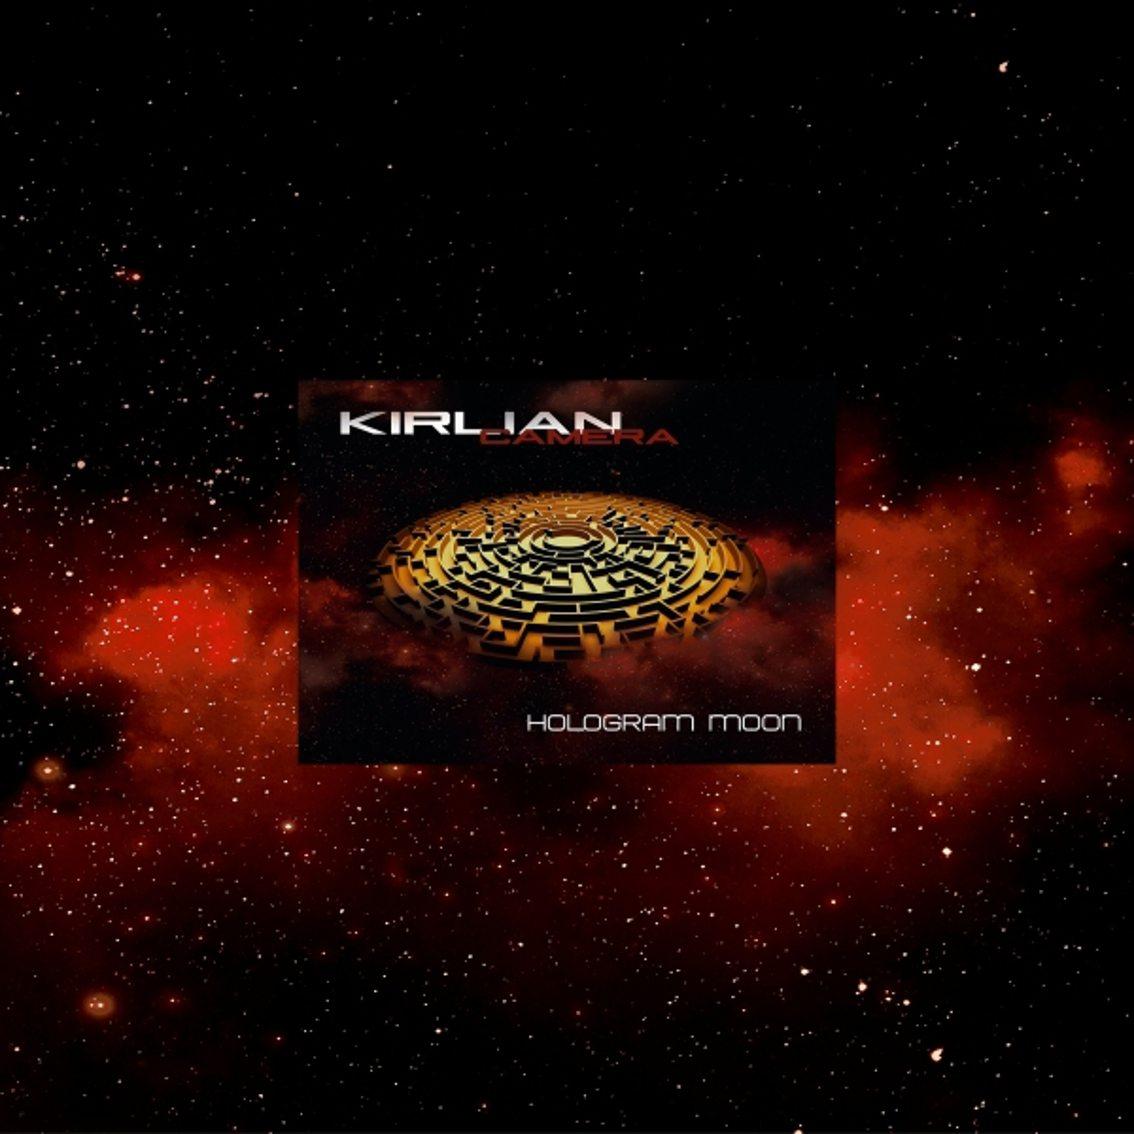 Kirlian Camera releases first details February release'Hologram Moon' (vinyl, 2CD ltd set, ...)